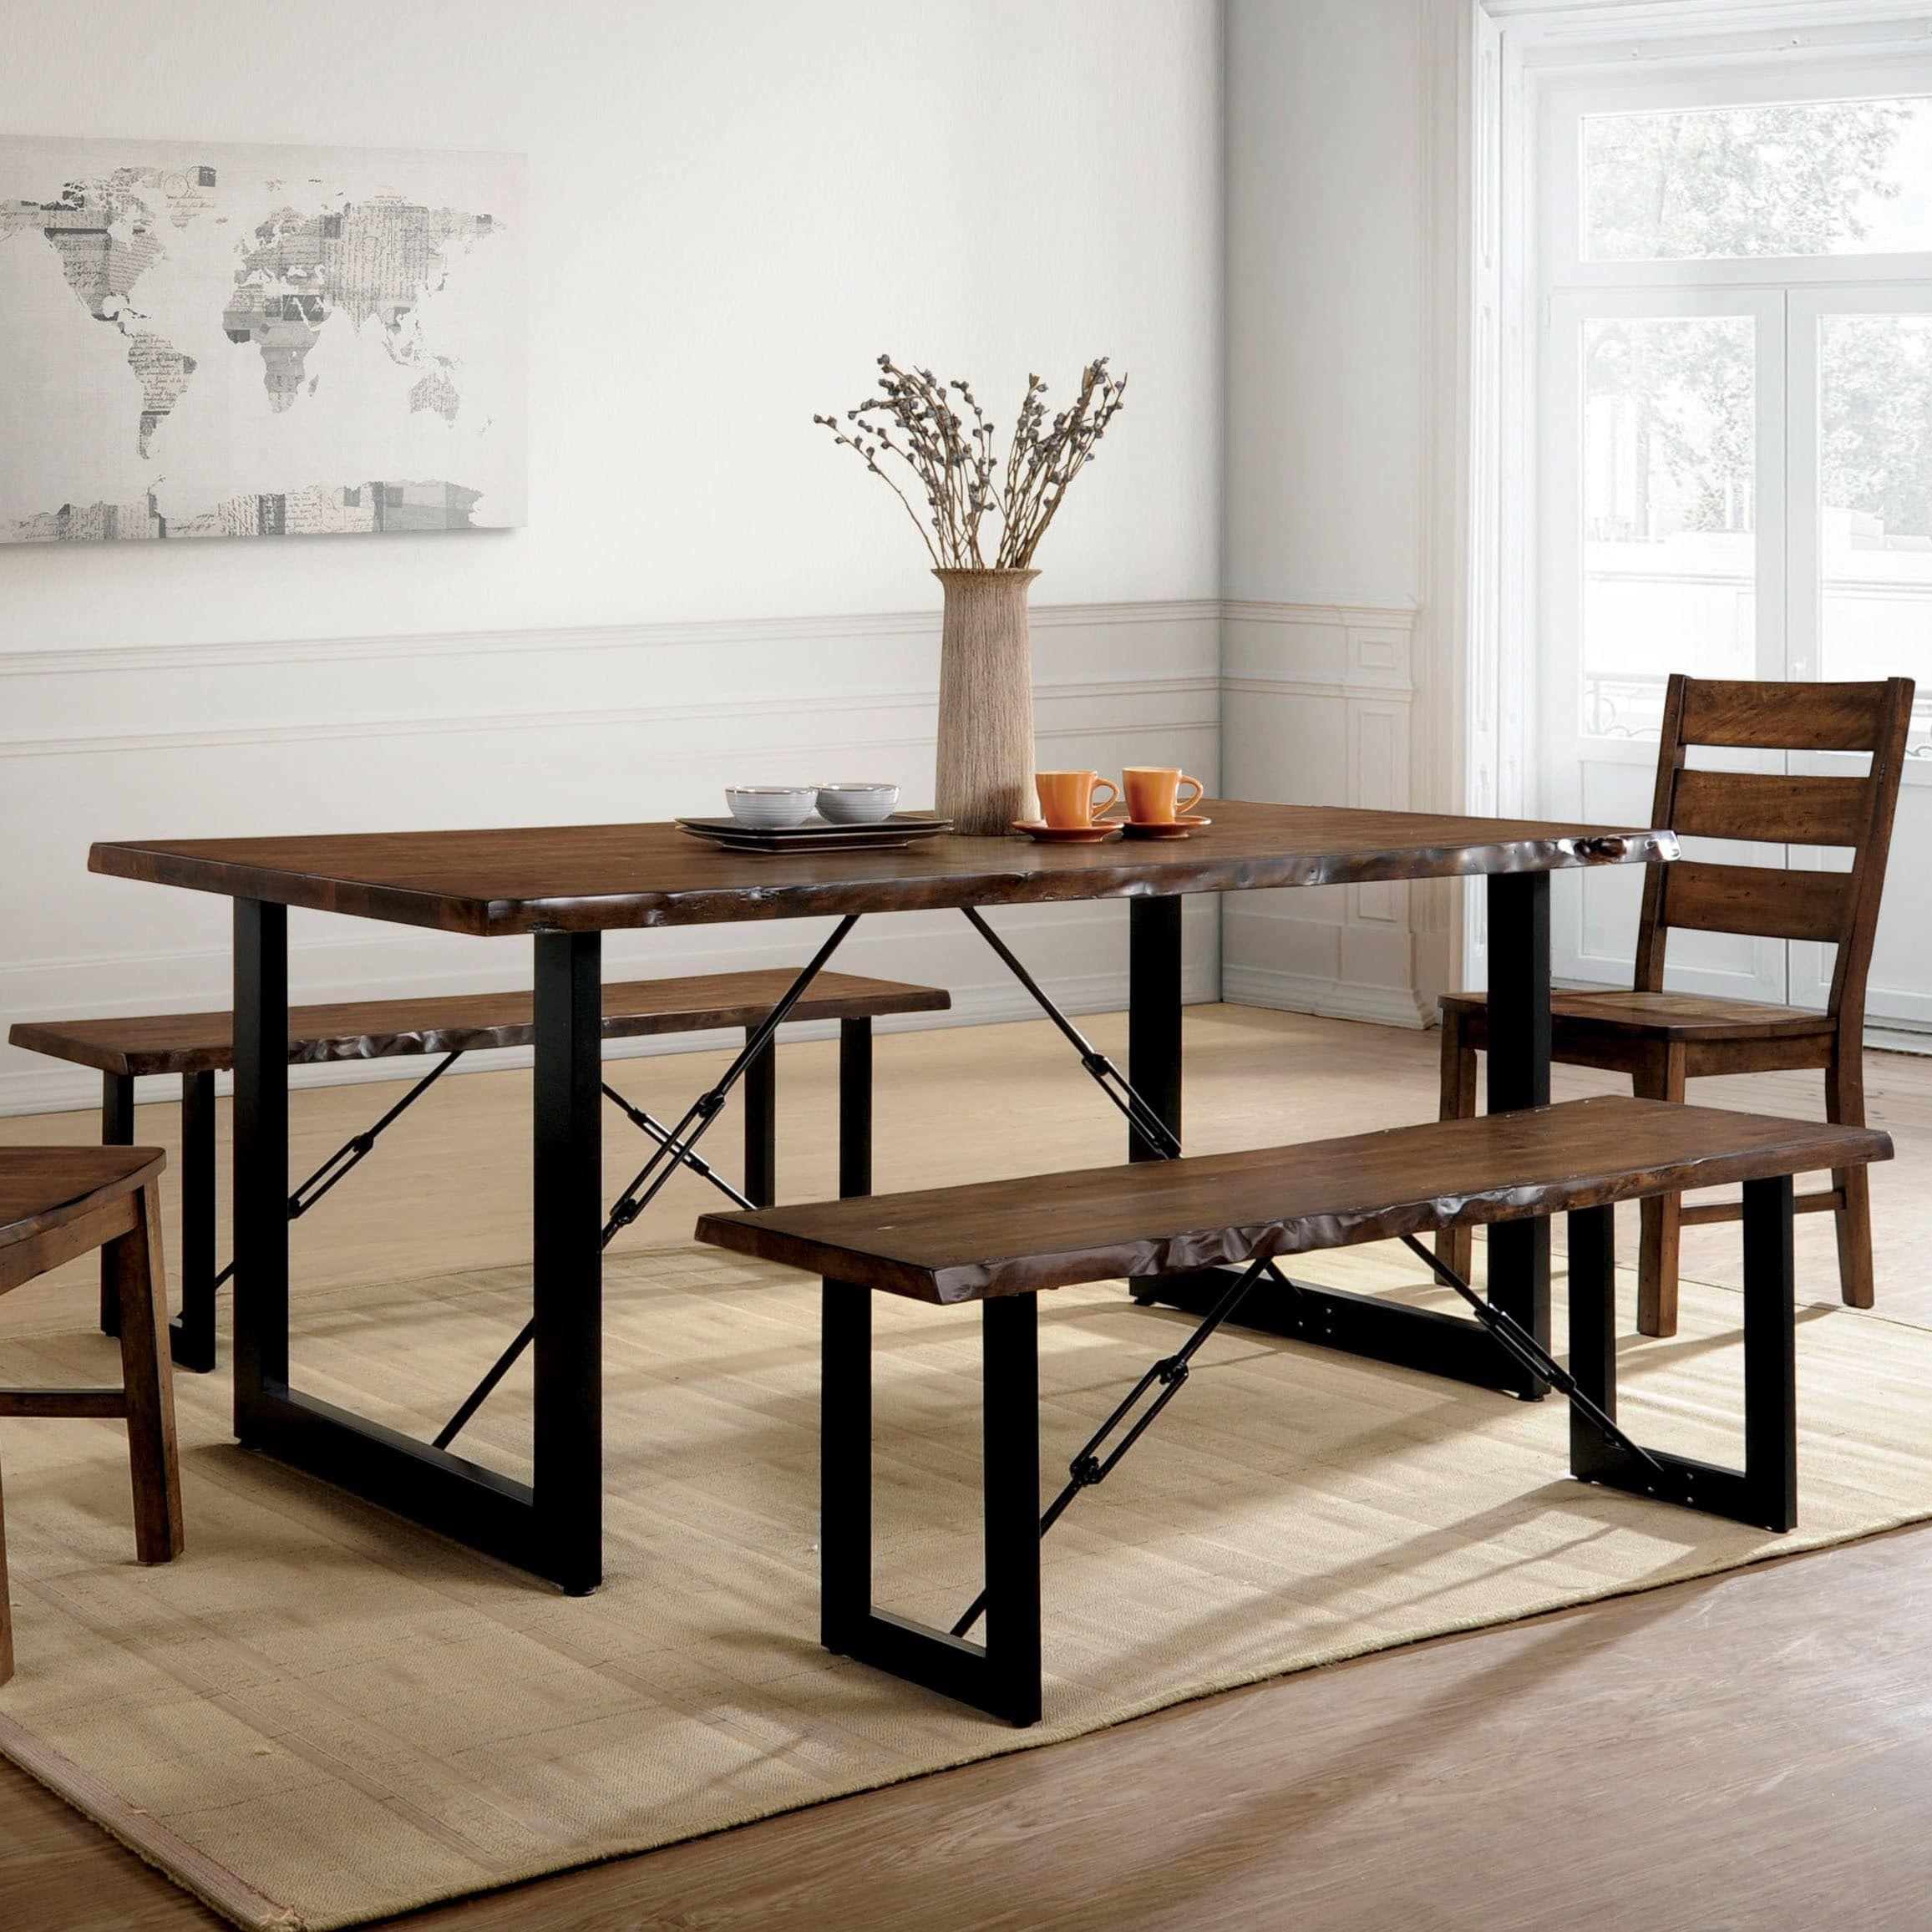 Furniture of America Terele Industrial Walnut 70inch